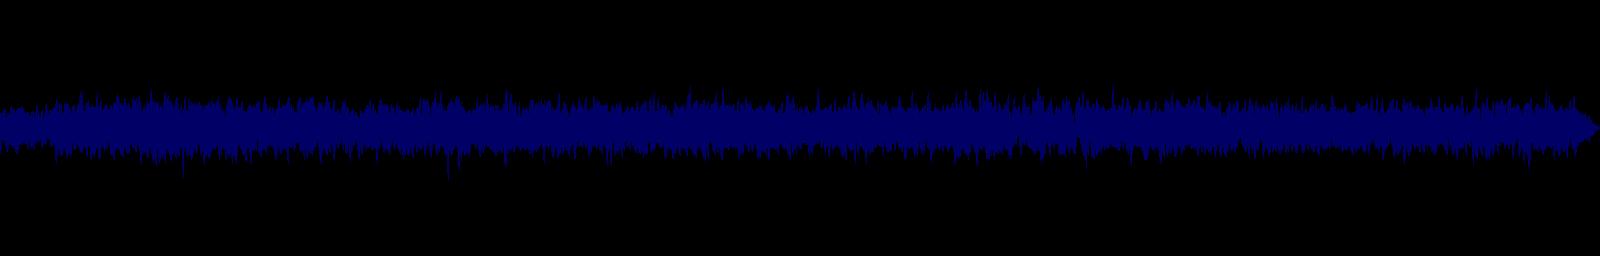 waveform of track #146697